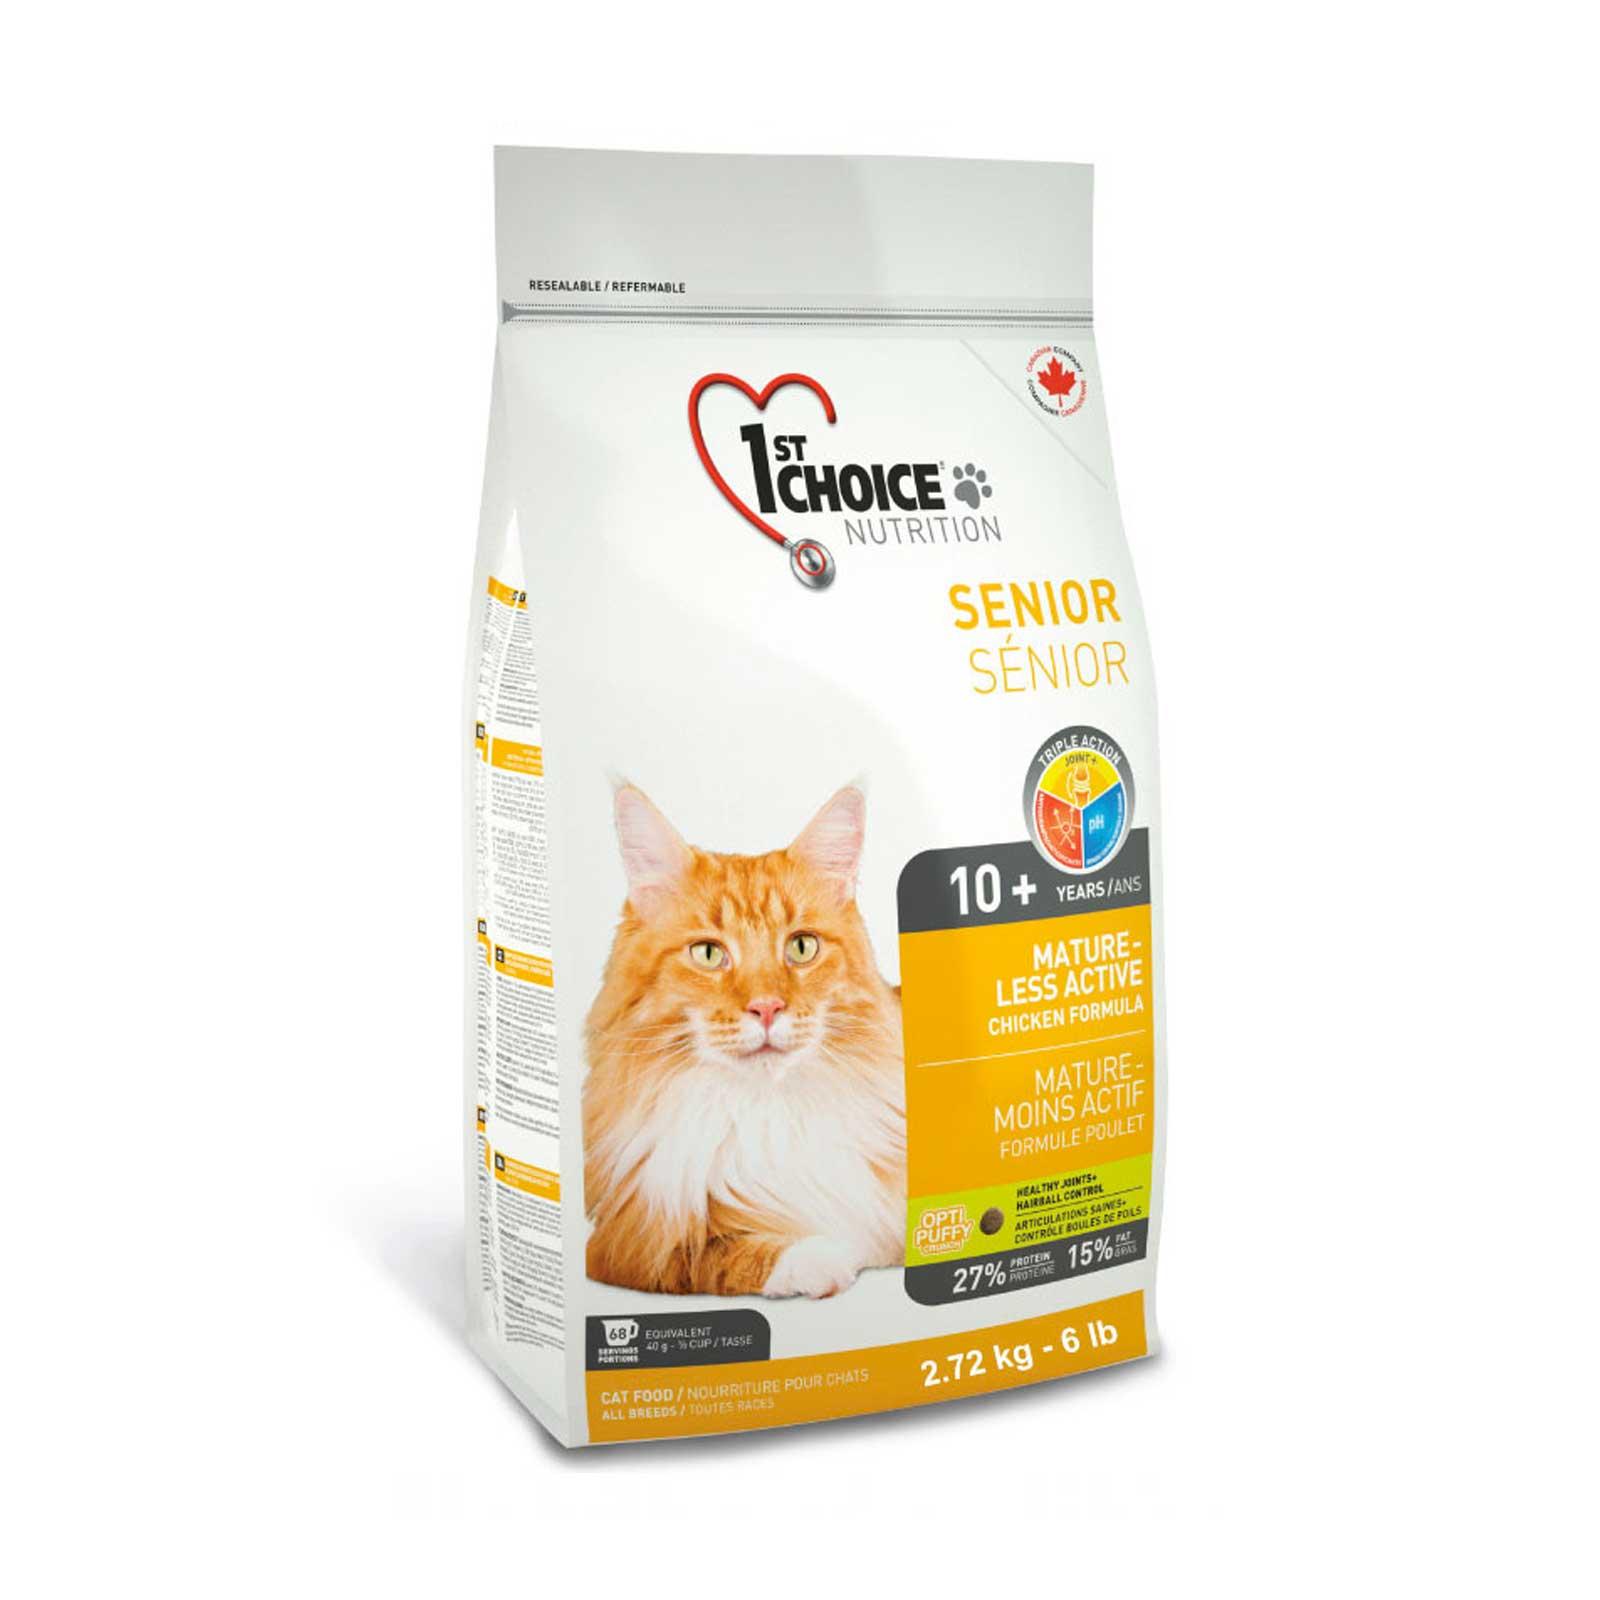 1st Choice Cat Senior 2,72 kg. - Crocchette per gatti anziani o poco attivi